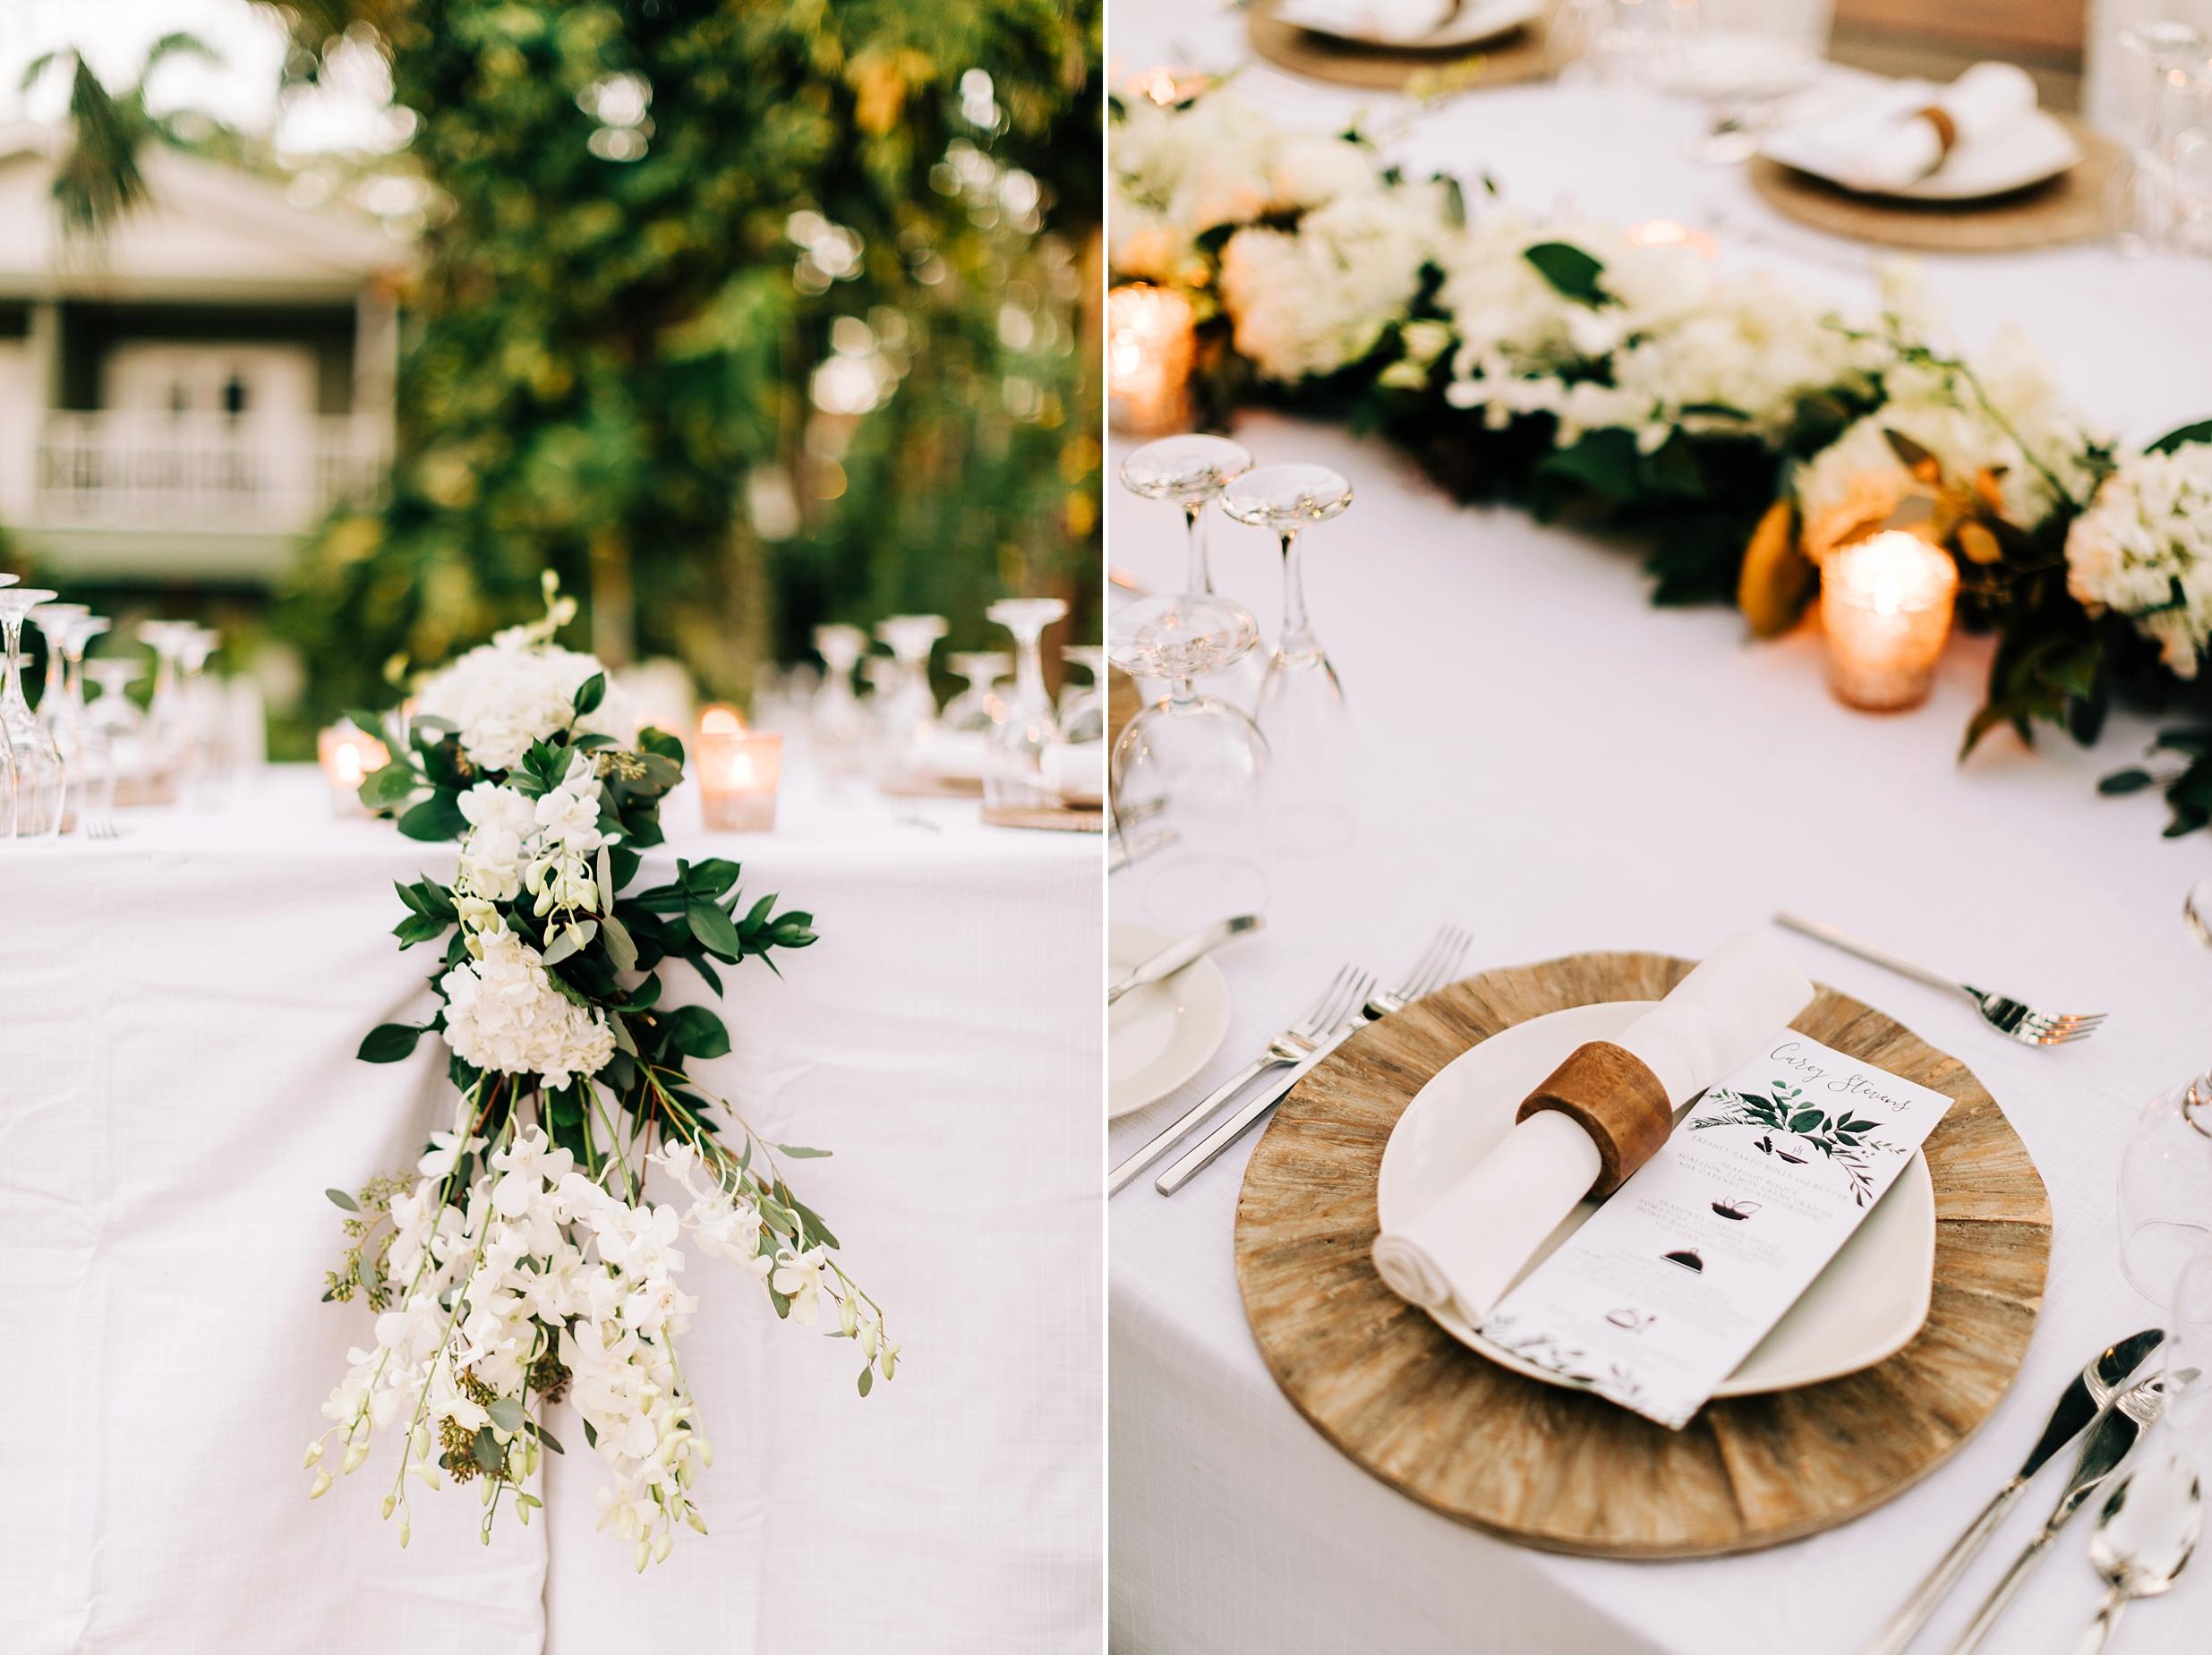 jamaican-wedding-sandals-wedding-destination-beach-intimate_0125.jpg